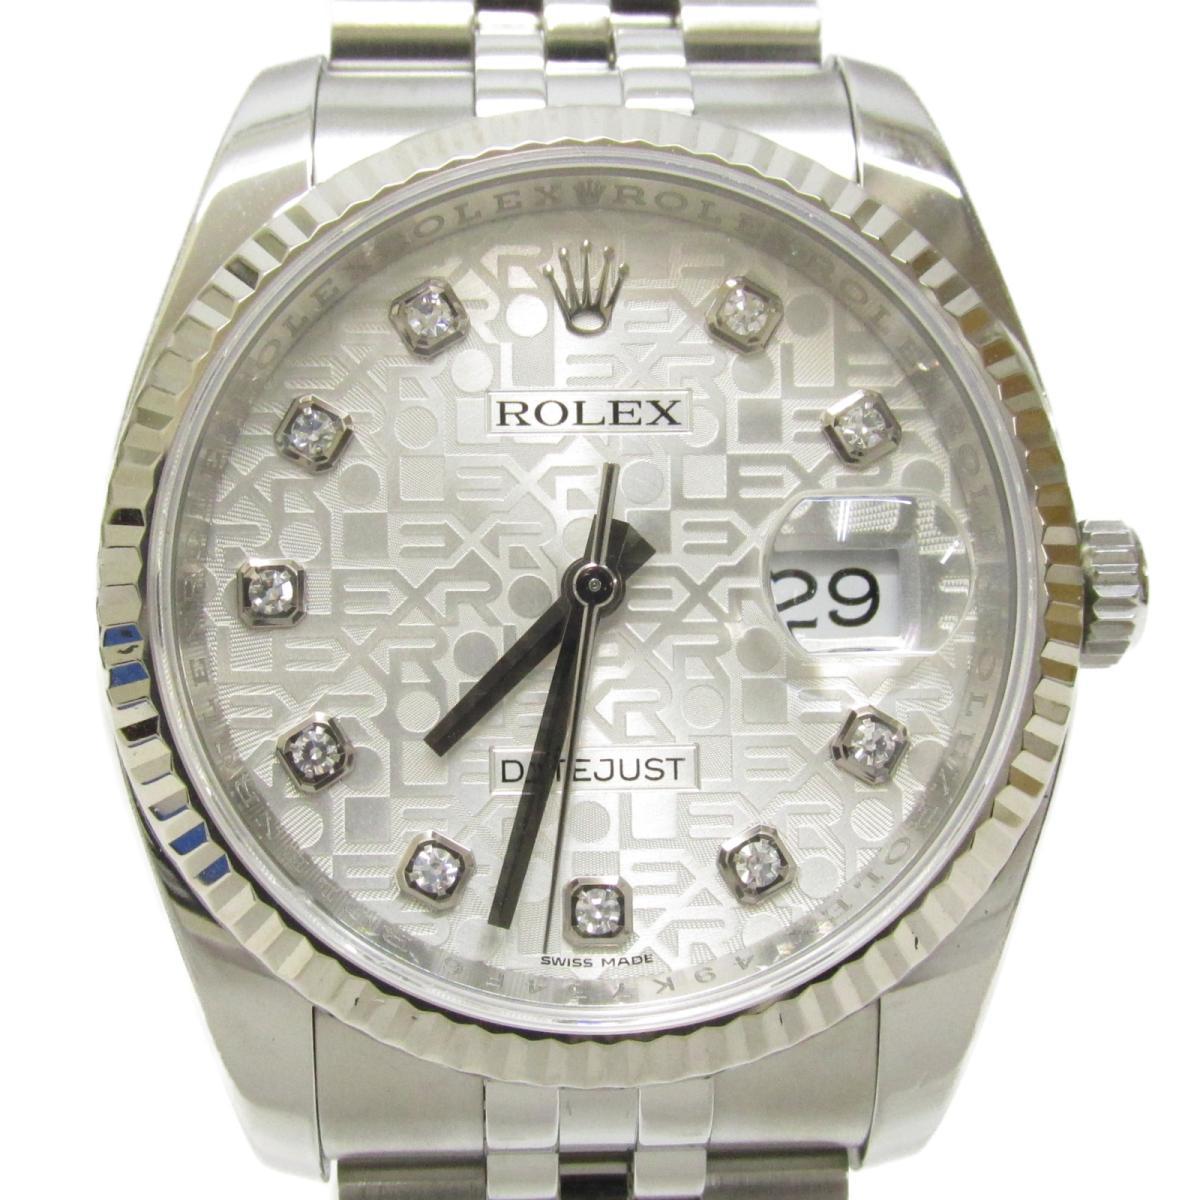 デイトジャスト10Pダイヤモンド/腕時計/メンズ